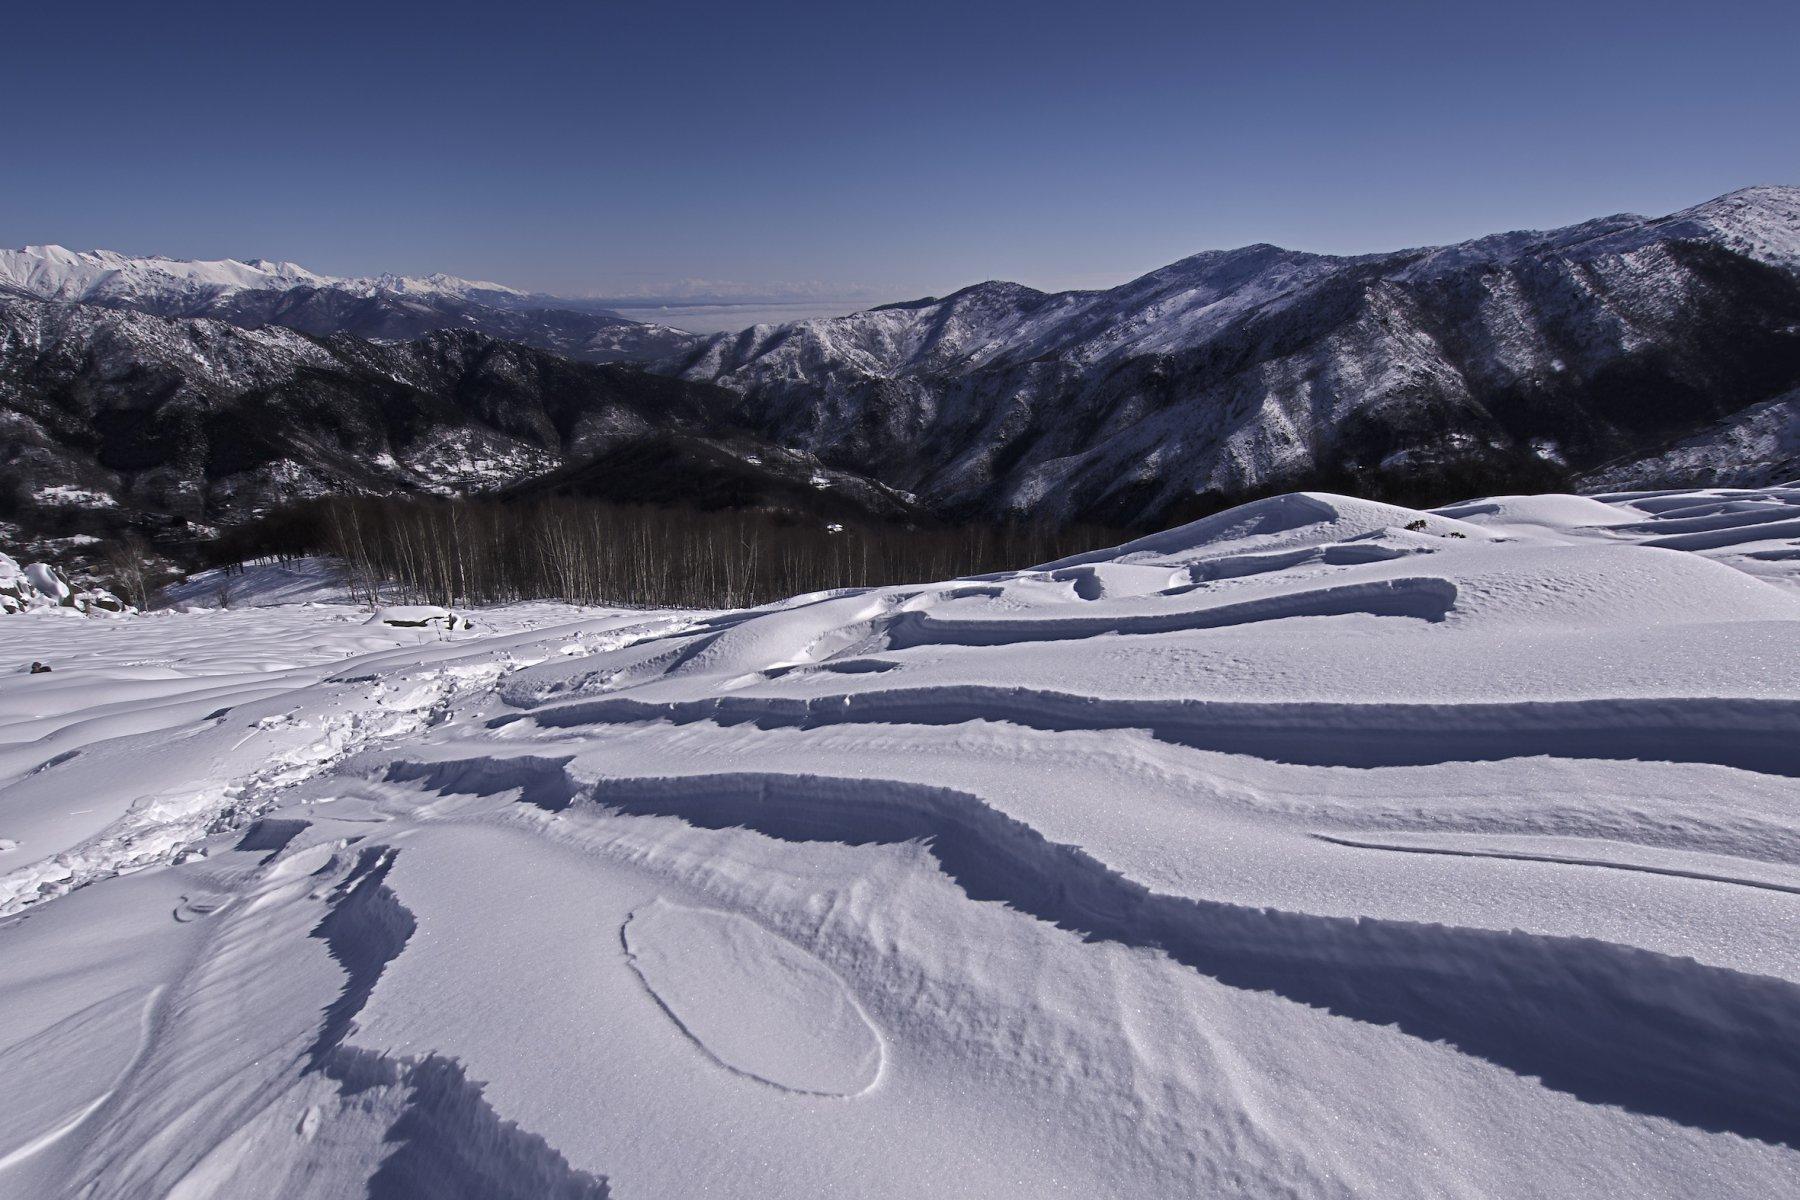 Il vento ha rimodellato la neve pressata da sci e ciaspole